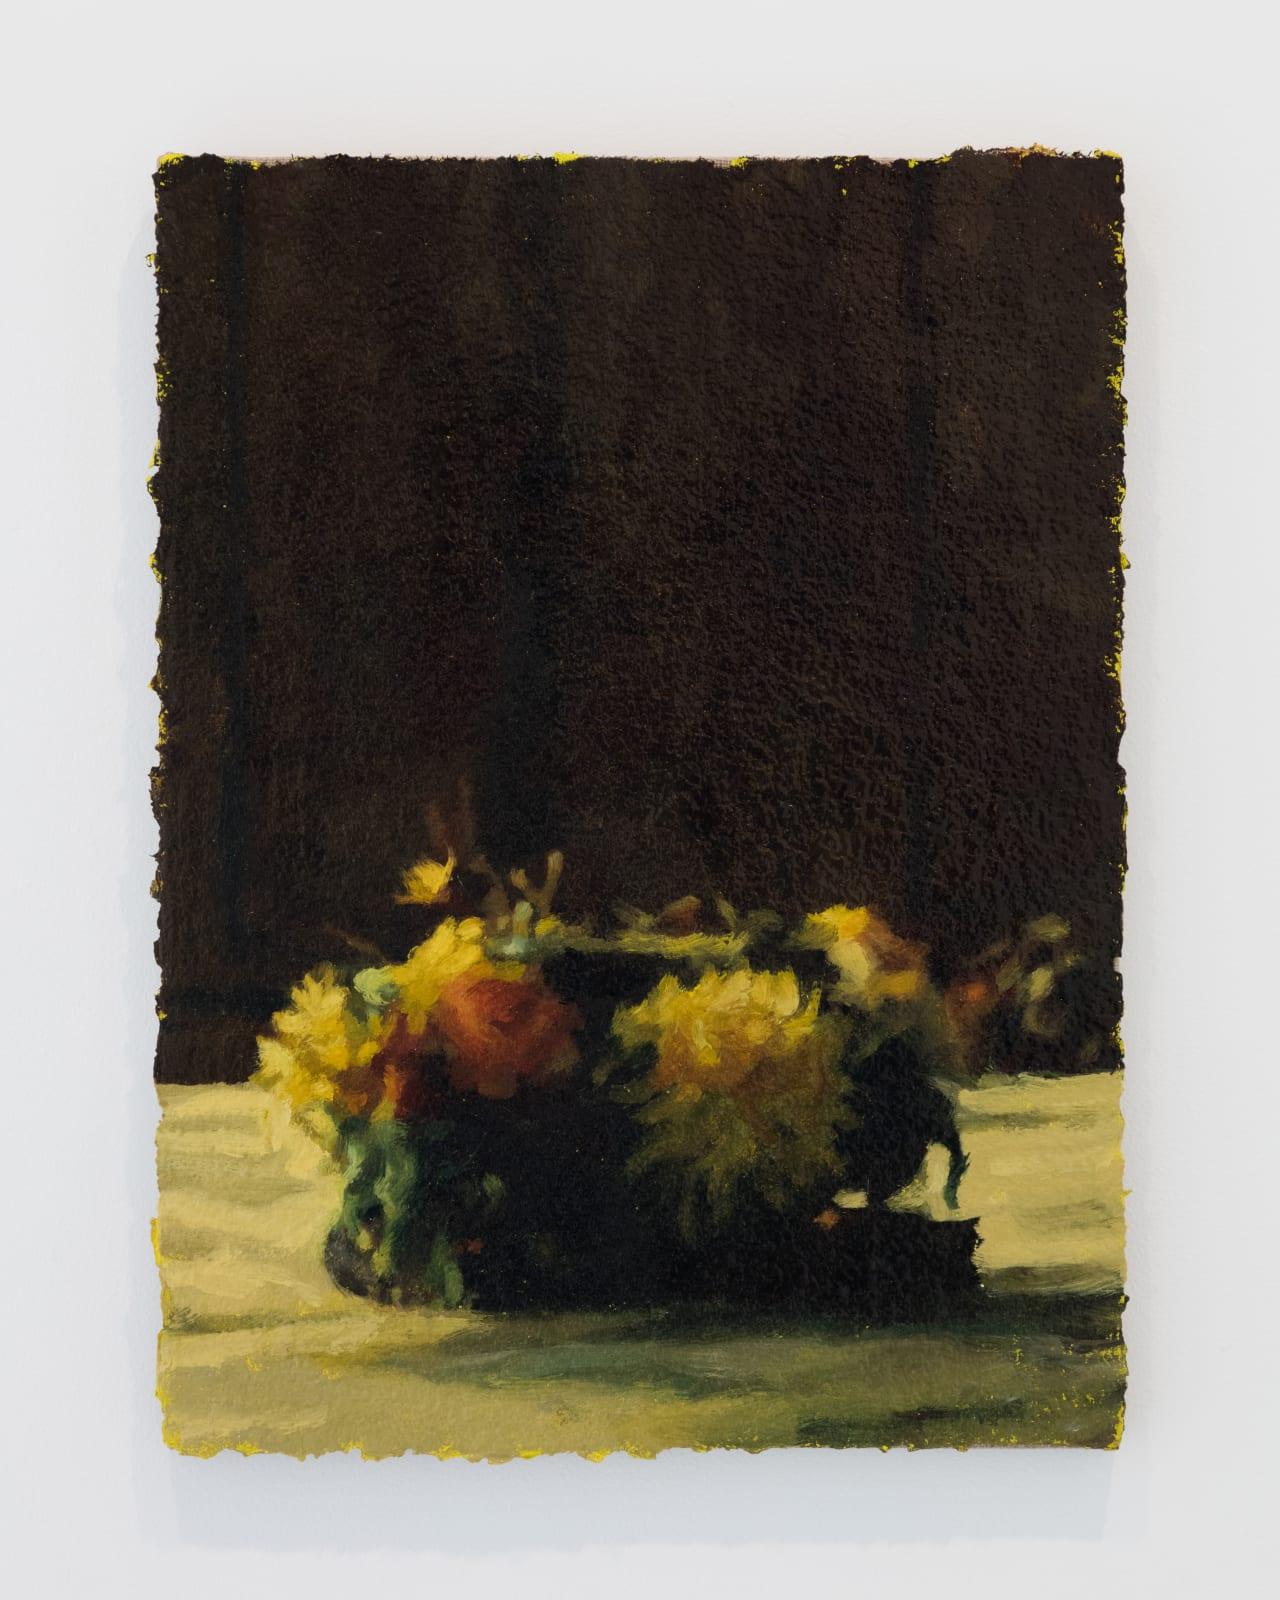 Tim Wilson, Kitchen Table, 2020